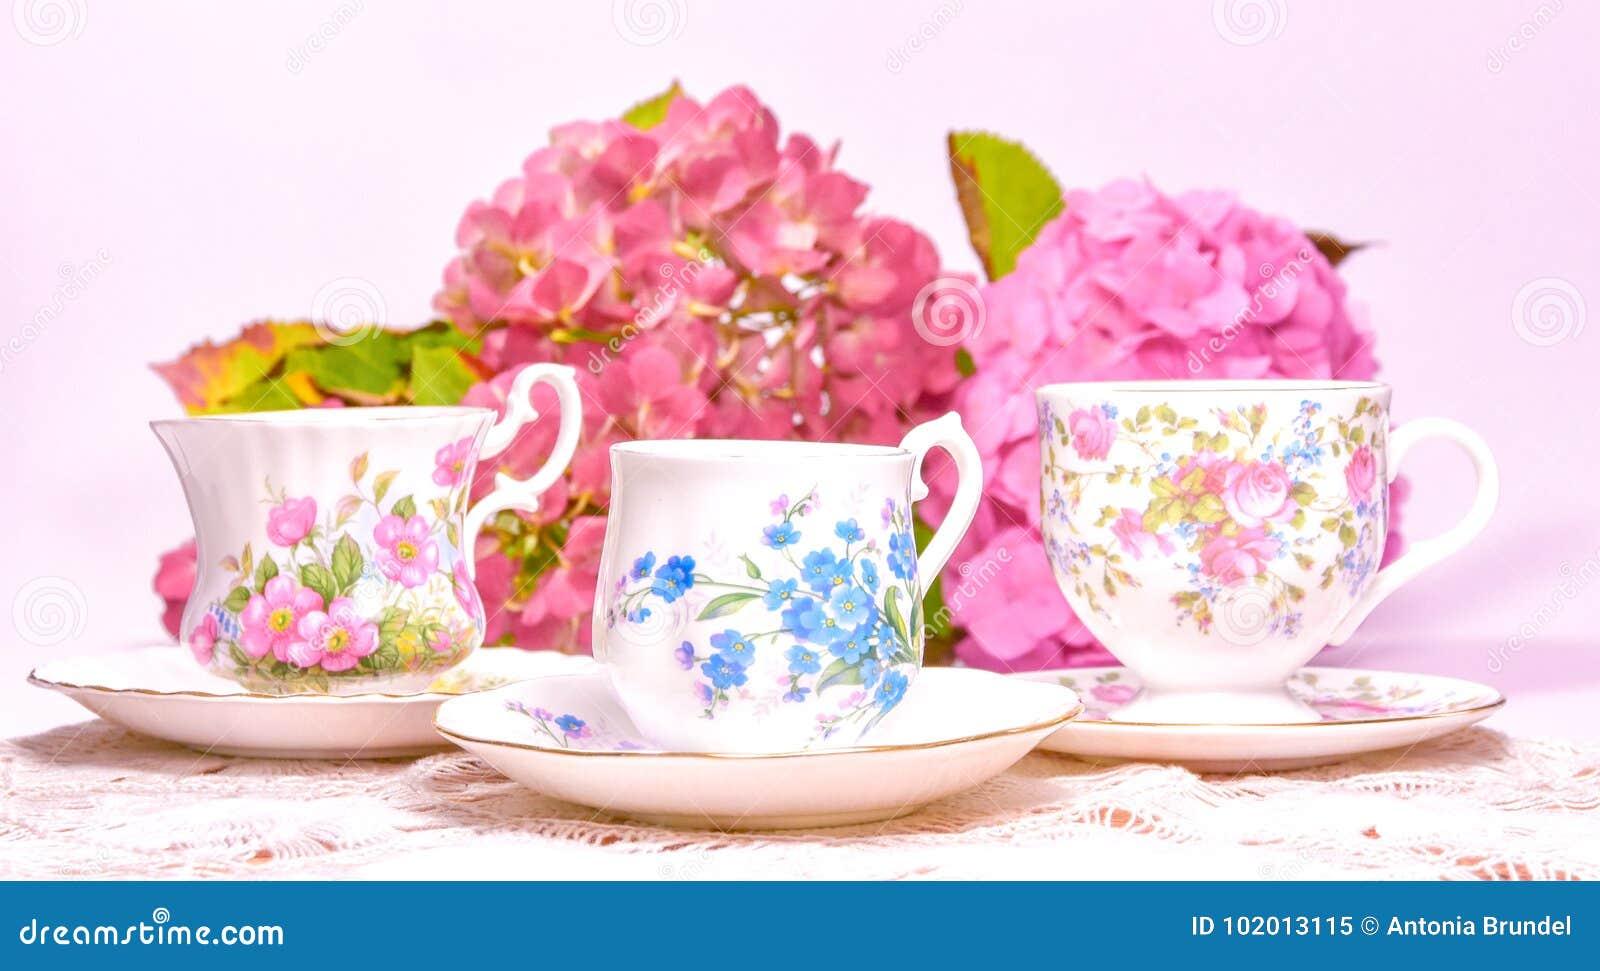 Atrakcyjne świetne kości porcelany herbaciane filiżanki na różowym tle